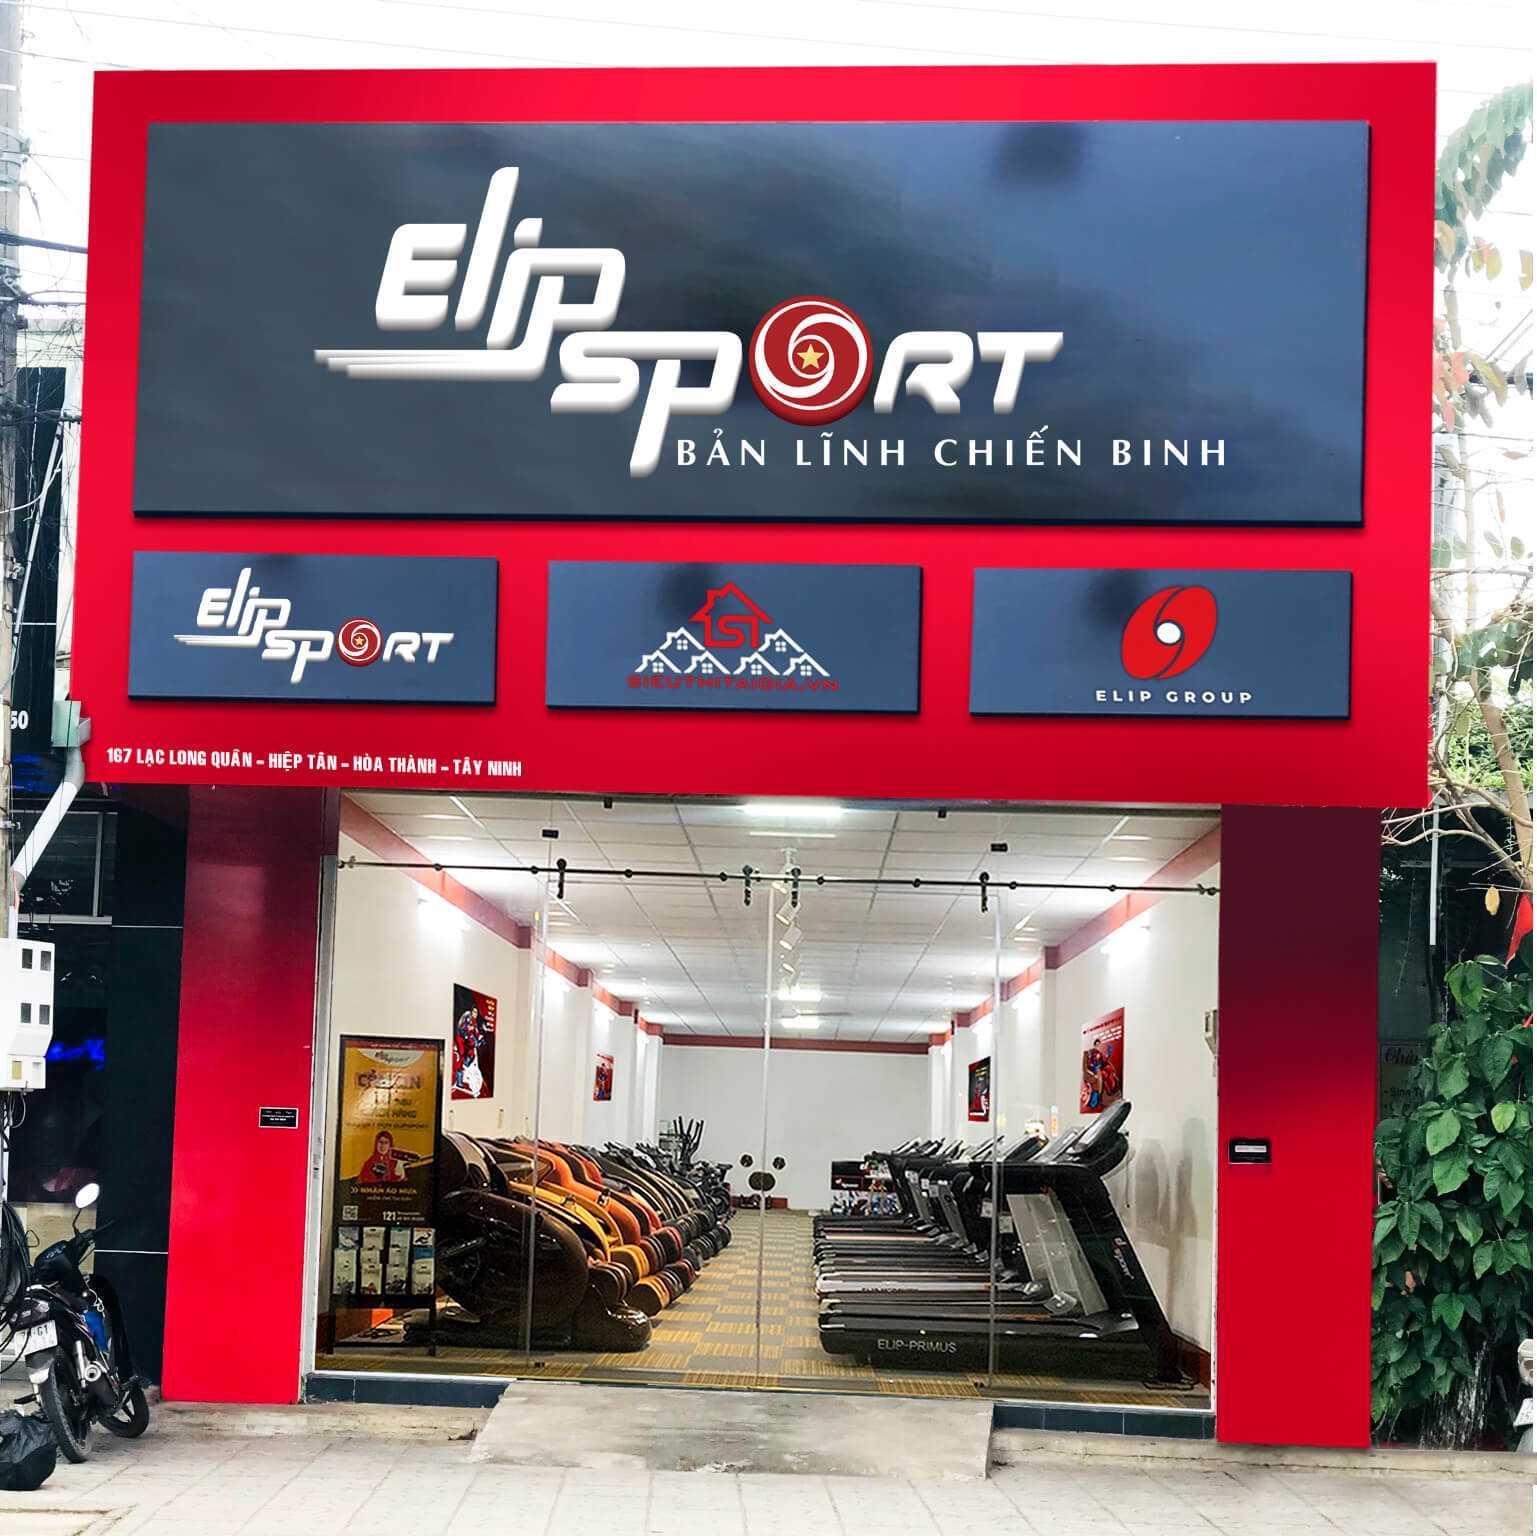 Hình ảnh của chi nhánh Elipsport Tây Ninh